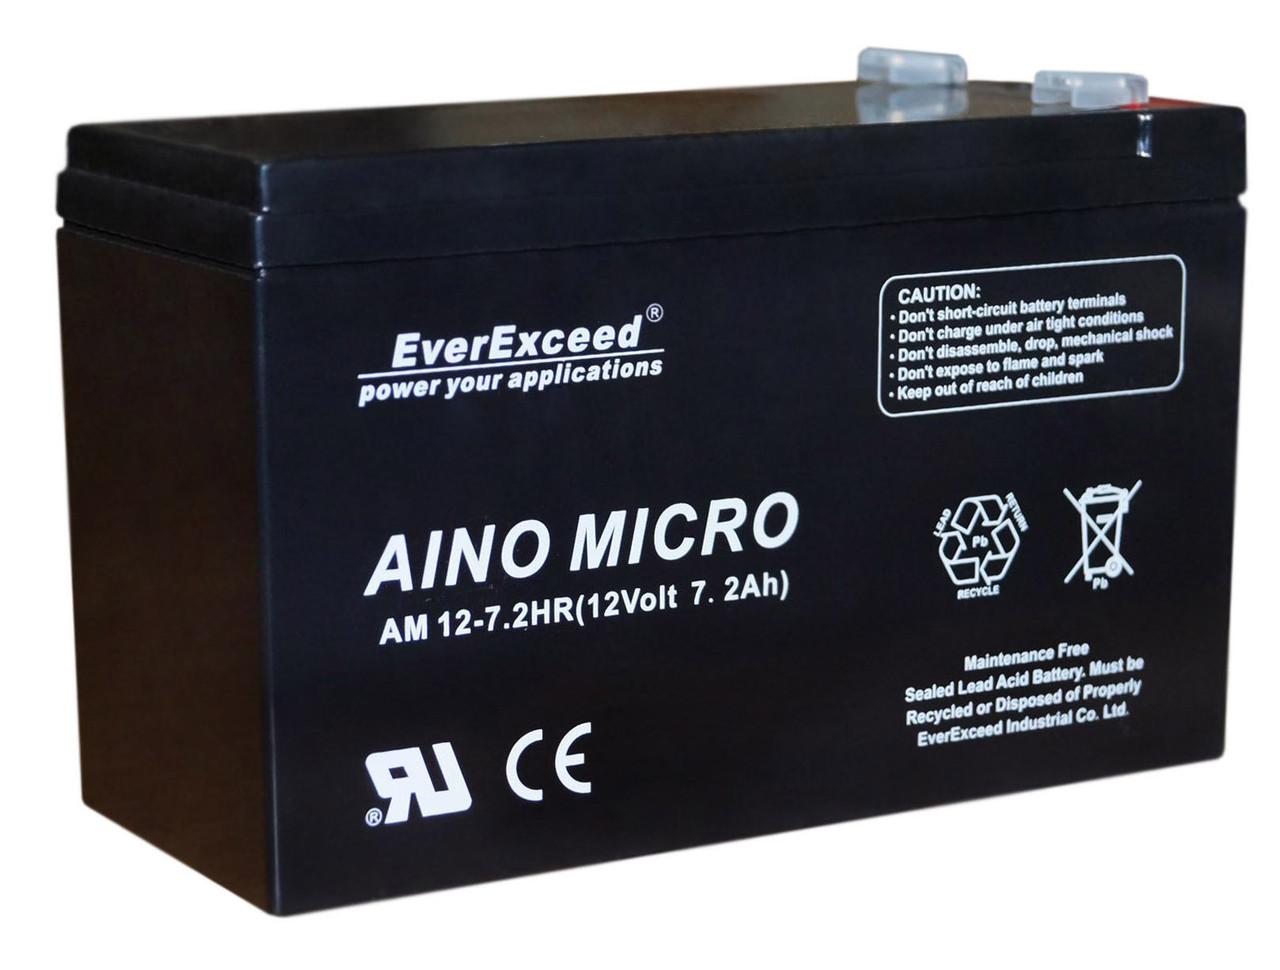 Акумулятор EverExceed AM 12-7.2hr